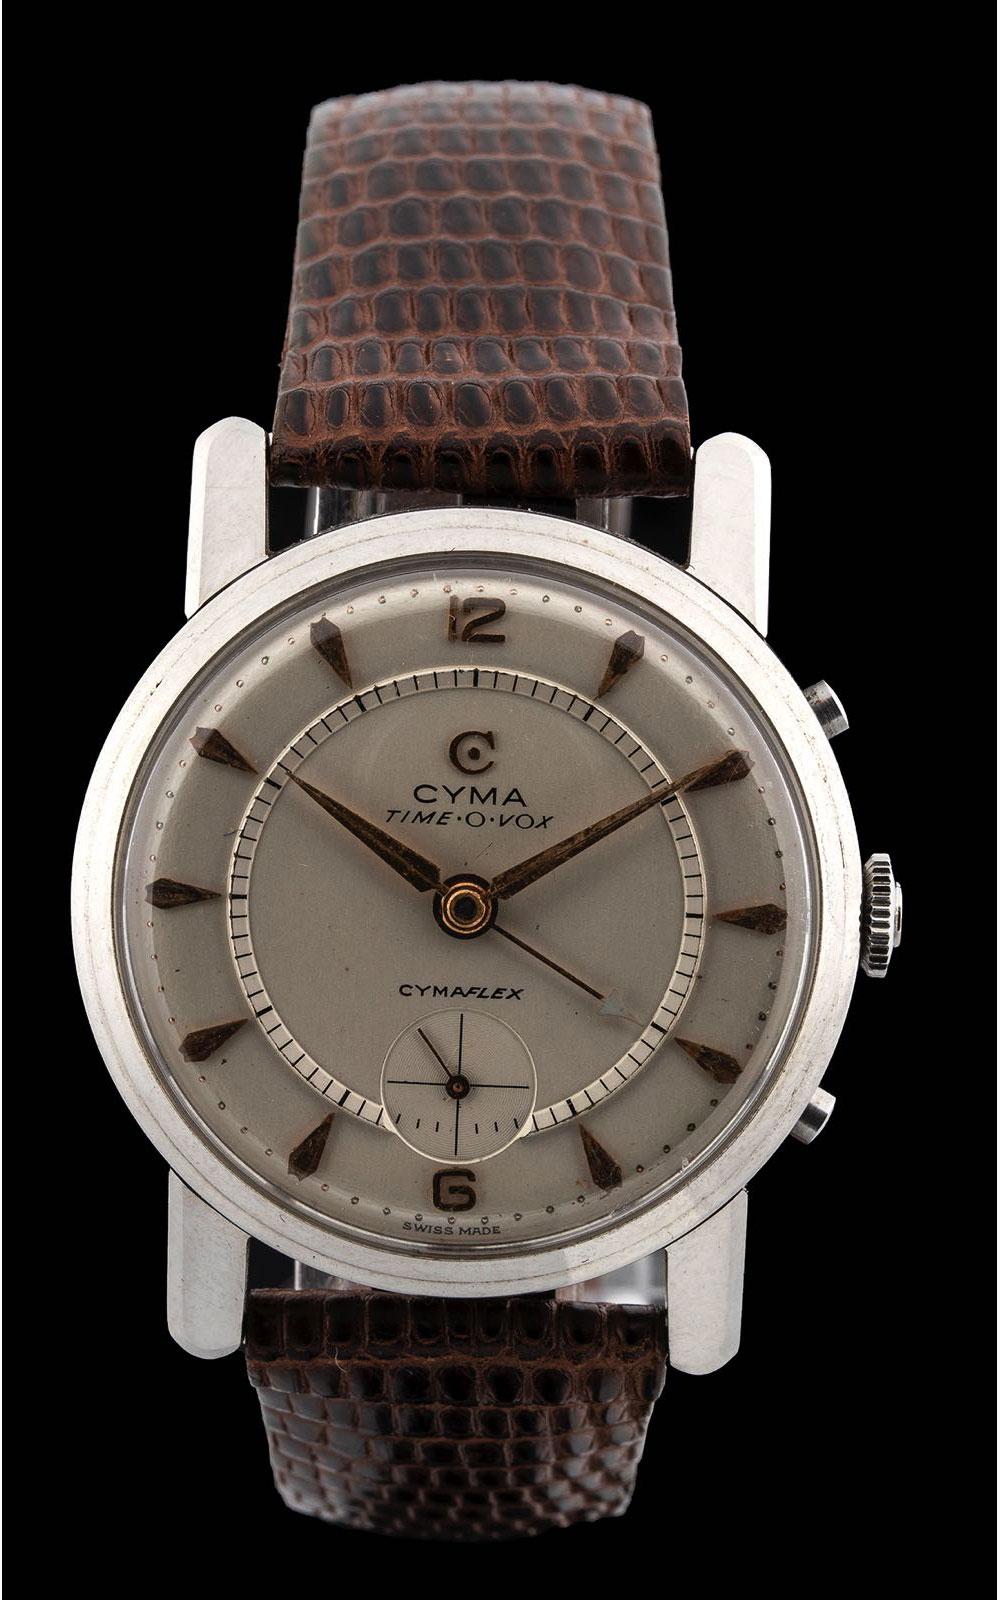 Cyma Time-O-Vox, CYMAFLEX, Ref. 1283, 50', N.O.S.